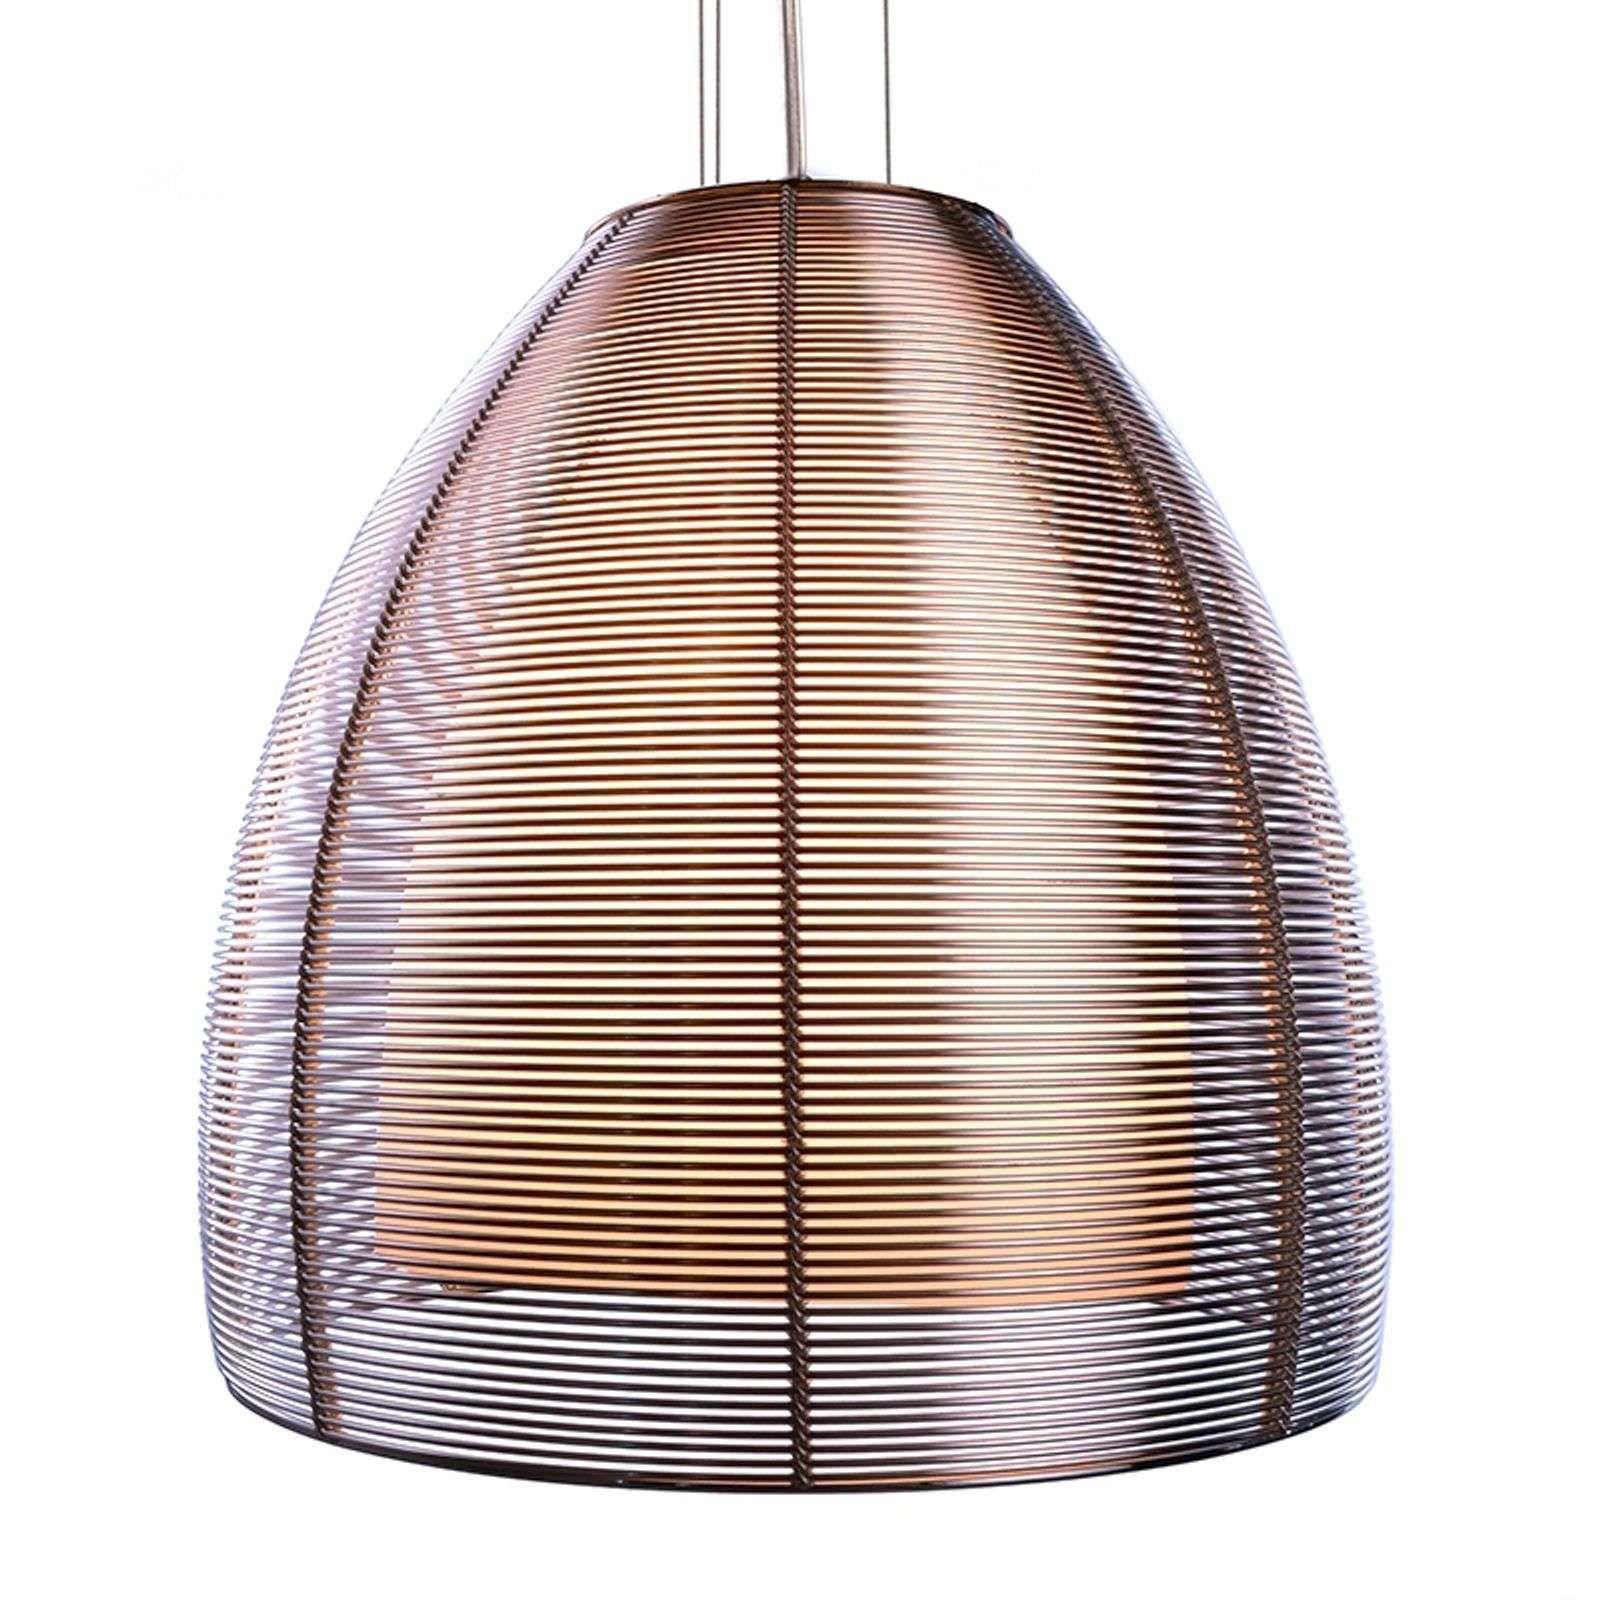 Zwarte Hanglamp Filo Big Mob Van Deko Light In 2020 Hanglamp Filo Lampen24